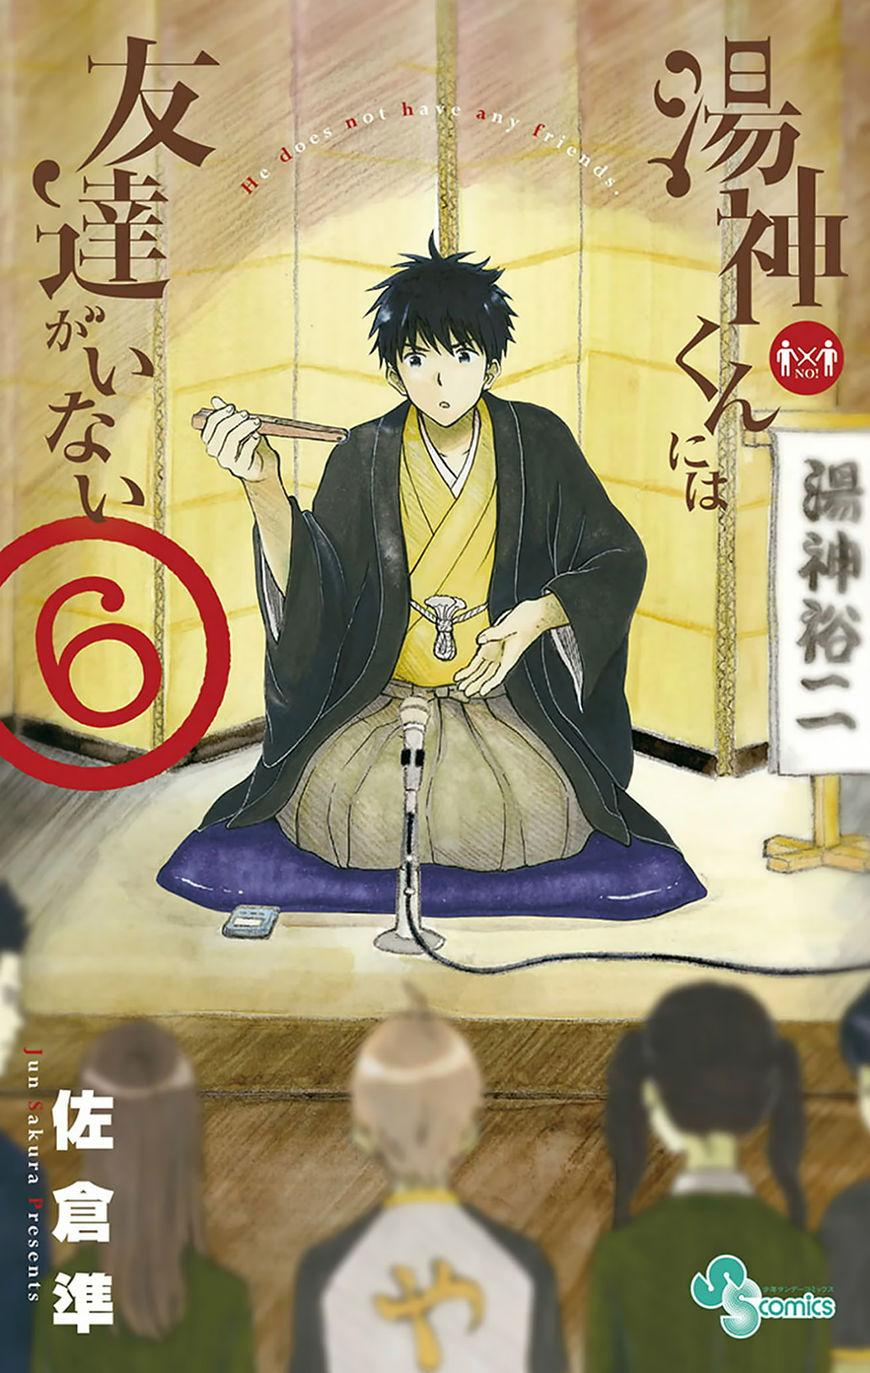 Yugami-kun ni wa Tomodachi ga Inai 27 Page 1